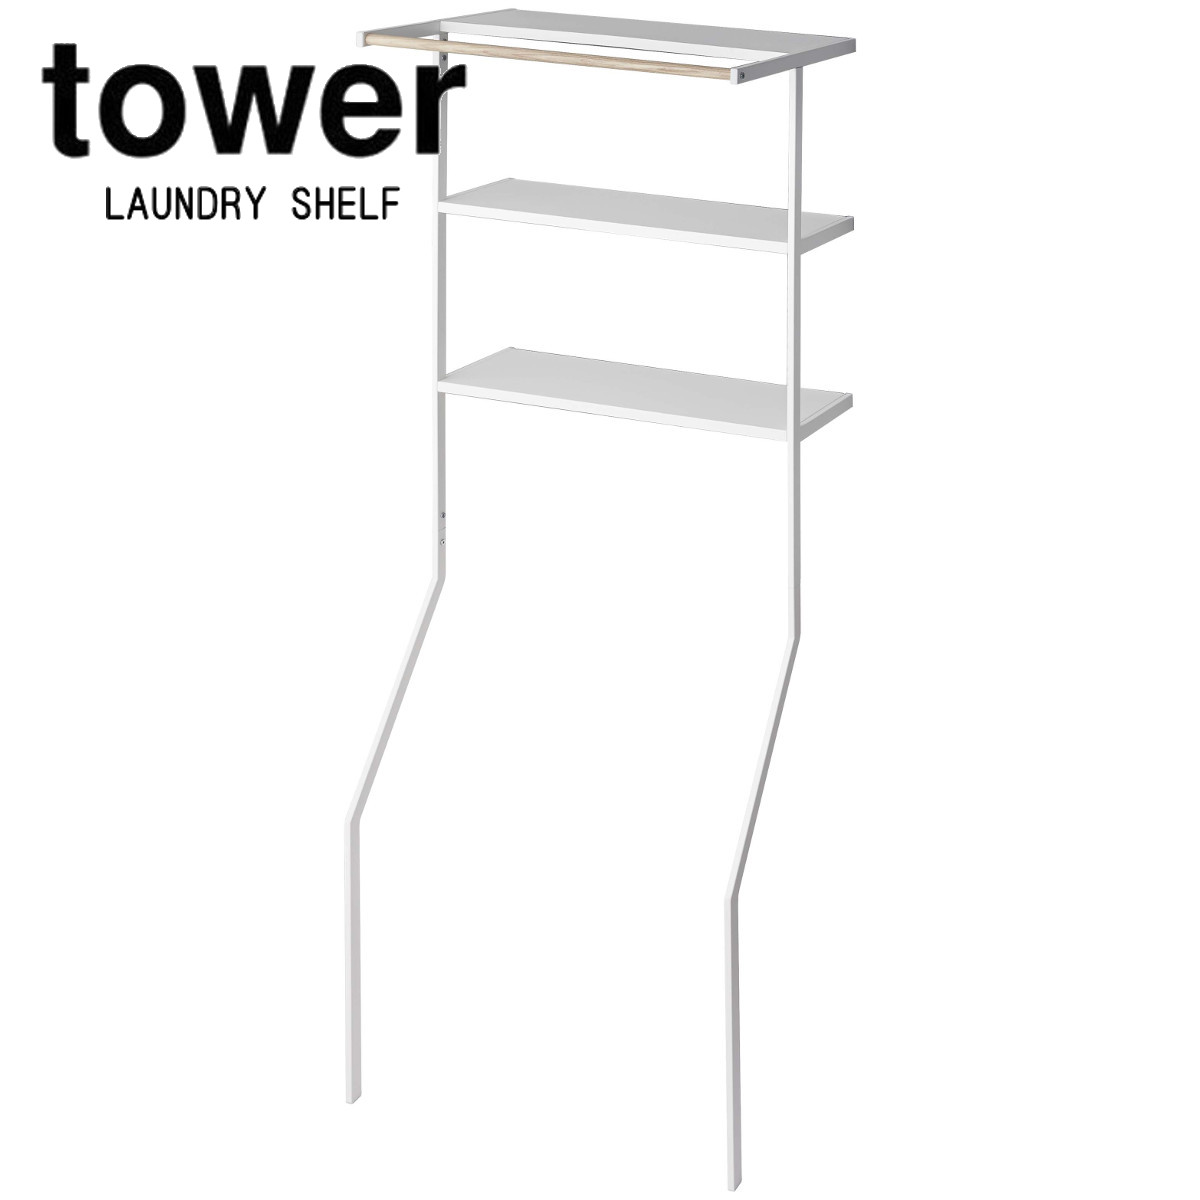 ■1/16まで!全品10倍(要エントリー)最大43倍!【tower】立て掛けランドリーシェルフ ホワイト ブラック